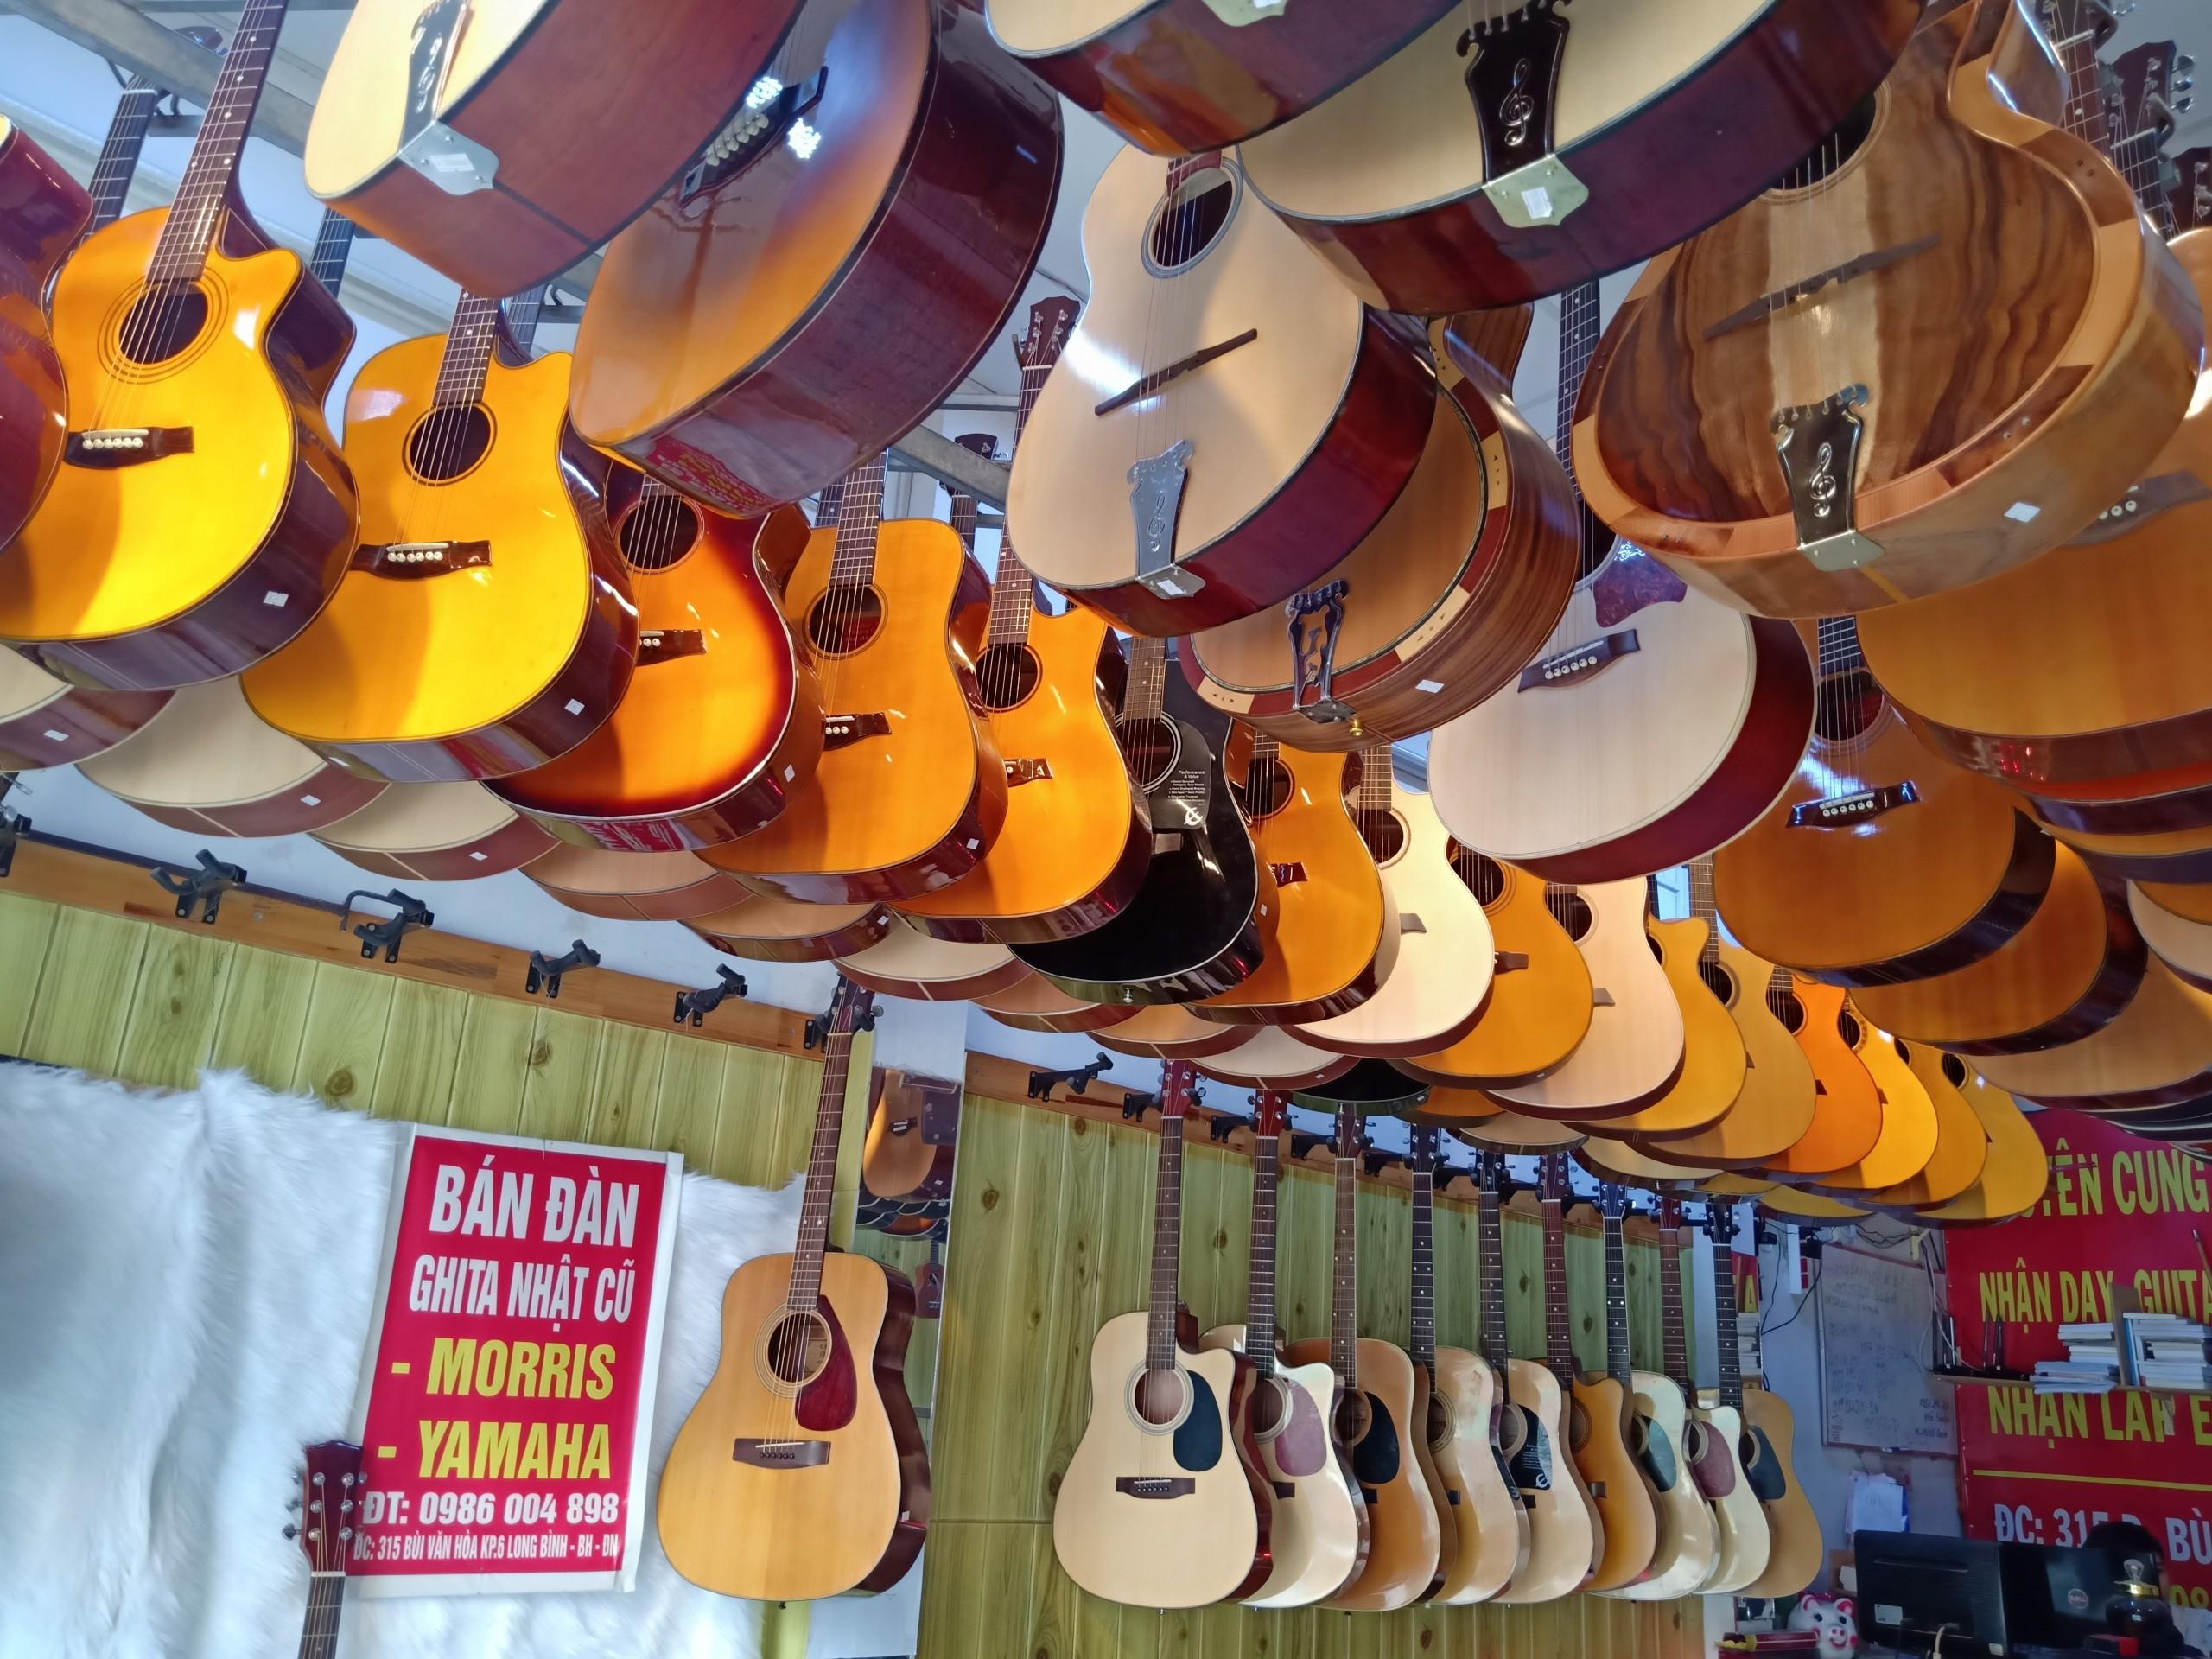 Lớp dạy đàn guitar ở tại biên hòa đồng nai